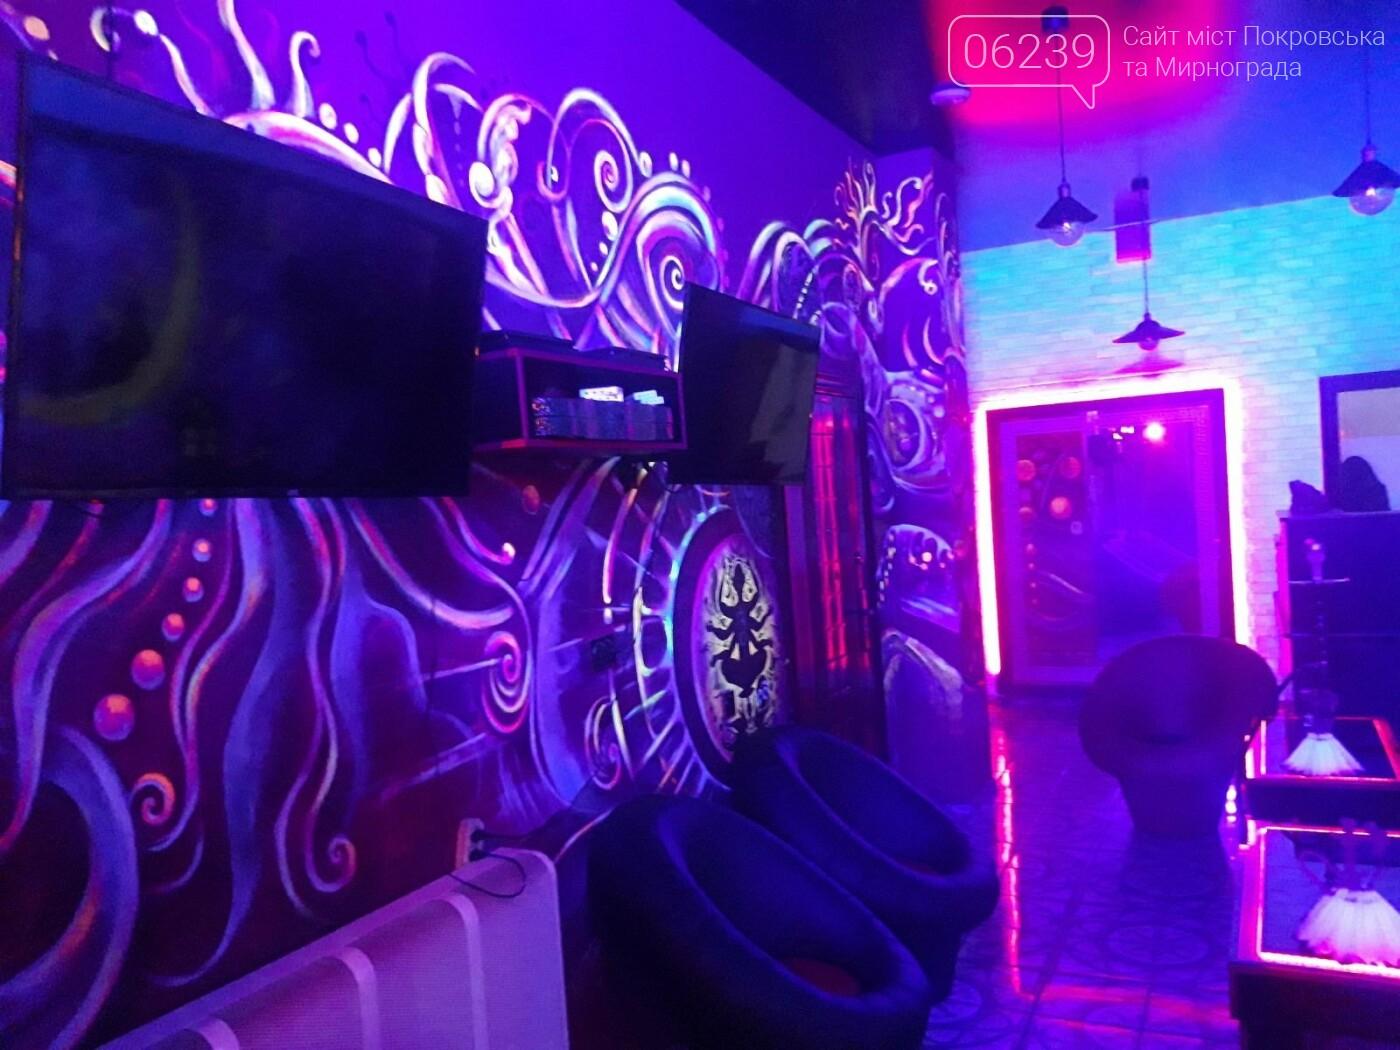 """Подымим со вкусом: в Покровске открылась новая кальянная """"SMOKY ROOM"""", фото-1"""